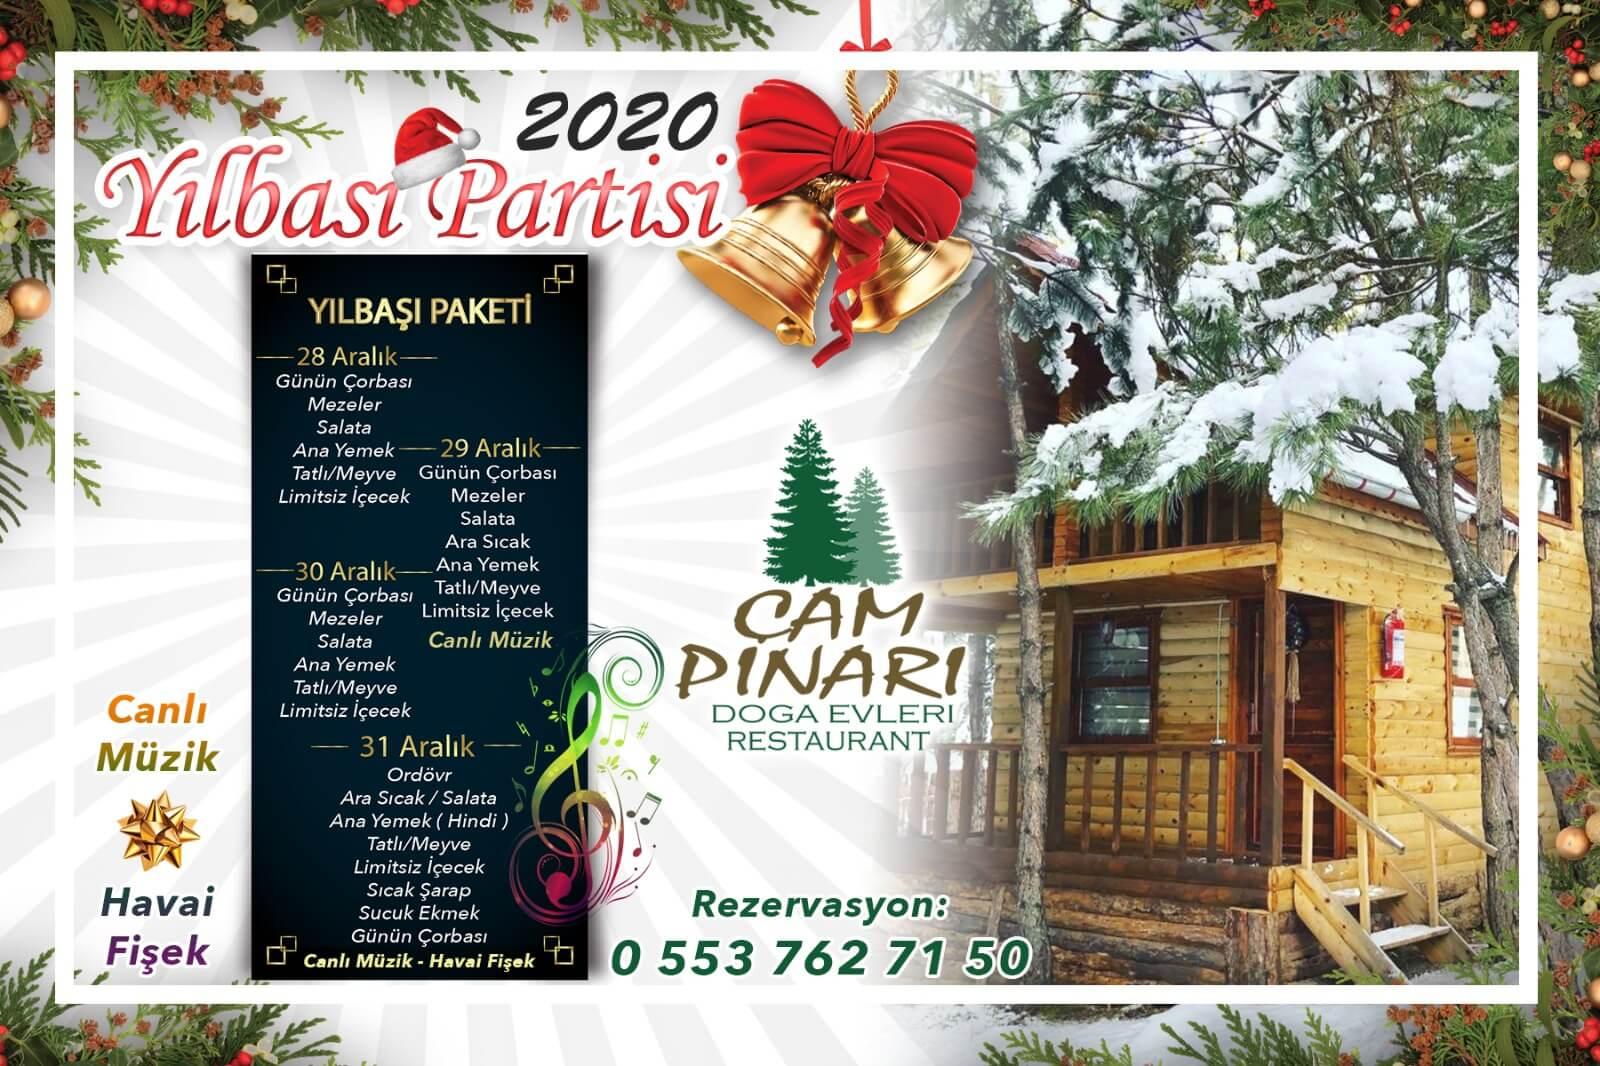 Bolu 2020 Yılbaşı Programı Çampınarı Doğa Evleri Restaurant'ta Kutlanır